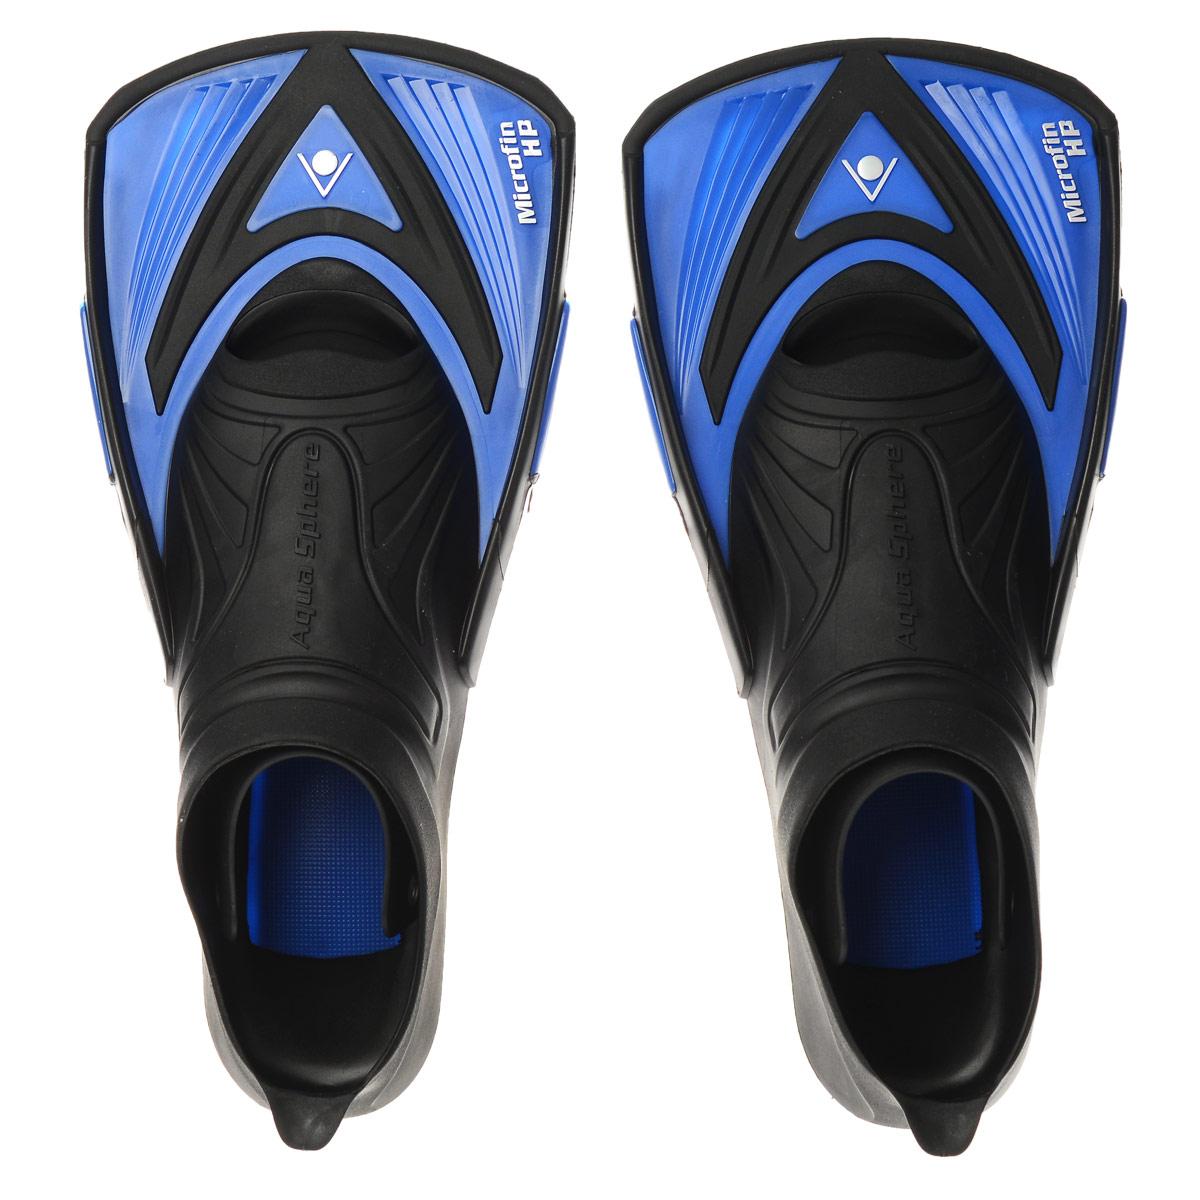 Ласты тренировочные Aqua Sphere Microfin HP, цвет: синий. Размер 46/47TN 221400 (205390)Aqua Sphere Microfin HP - это ласты для энергичной манеры плавания, предназначенные для серьезных спортивных тренировок. Уникальный дизайн ласт обеспечивает достаточное сопротивление воды для силовых тренировок и поддерживает ноги близко к поверхности воды - таким образом, пловец занимает правильное положение, гарантирующее максимальную обтекаемость. Особенности:Галоша с закрытой пяткой выполнена из прочного термопластика.Короткие лопасти удерживают ноги пловца близко к поверхности воды.Позволяют развивать силу мышц и поддерживать их в тонусе, одновременно совершенствуя технику плавания.